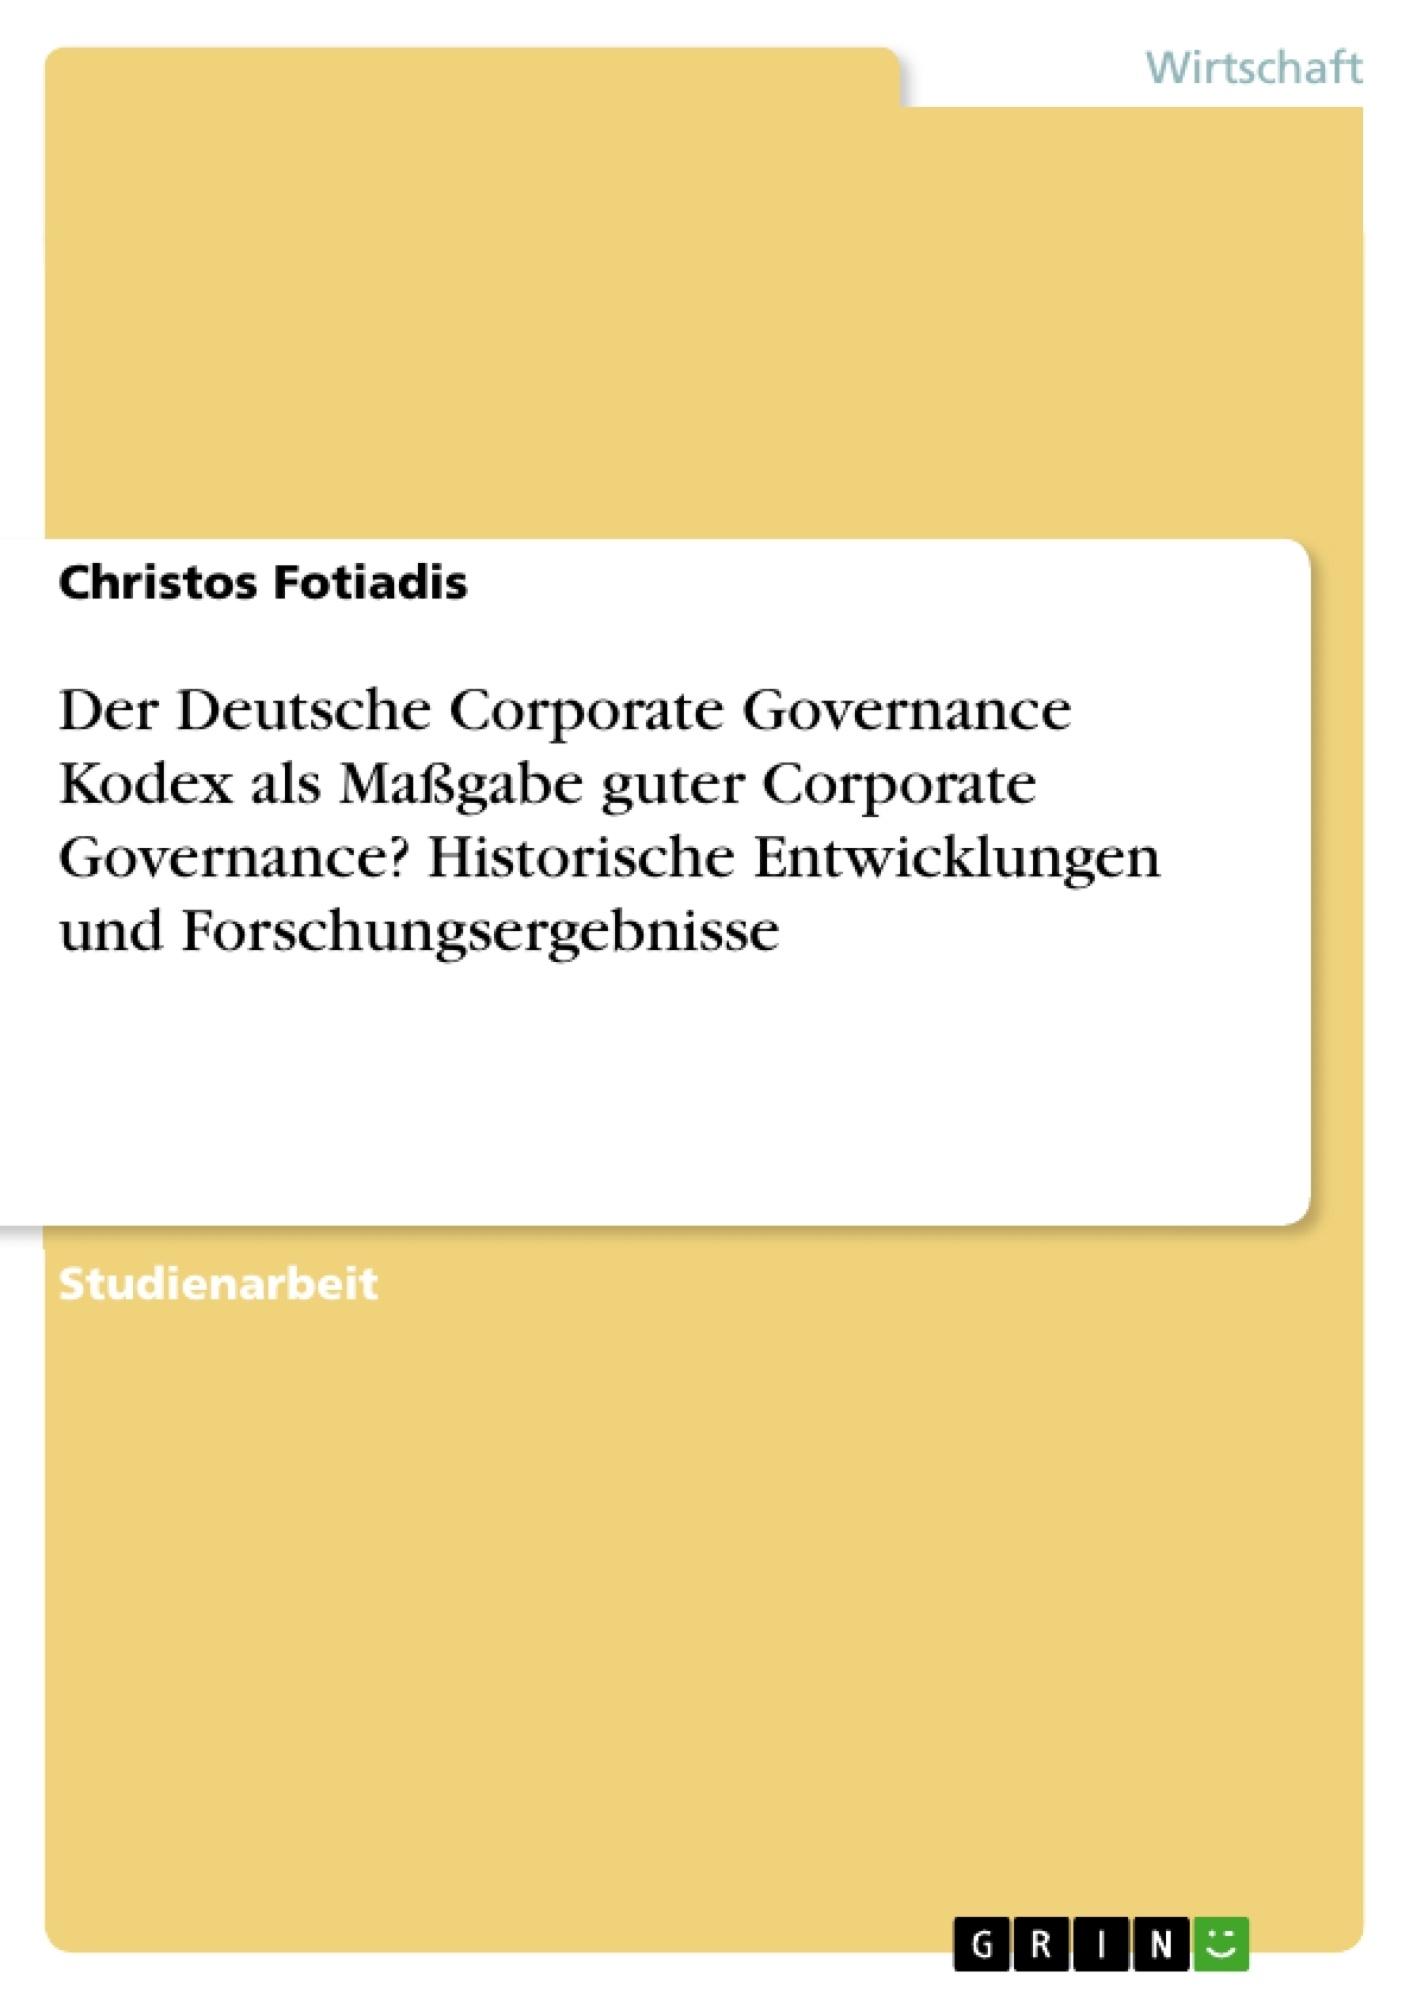 Titel: Der Deutsche Corporate Governance Kodex als Maßgabe guter Corporate Governance? Historische Entwicklungen und Forschungsergebnisse